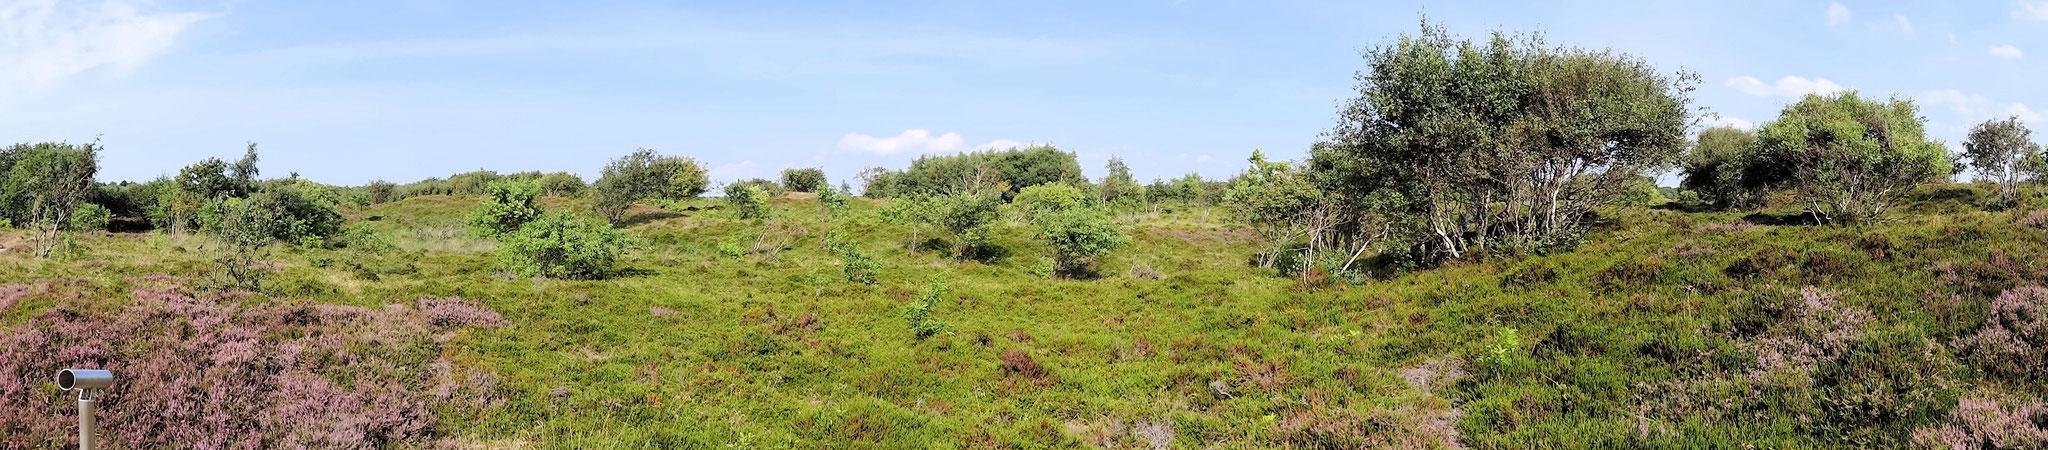 Duhner Heide